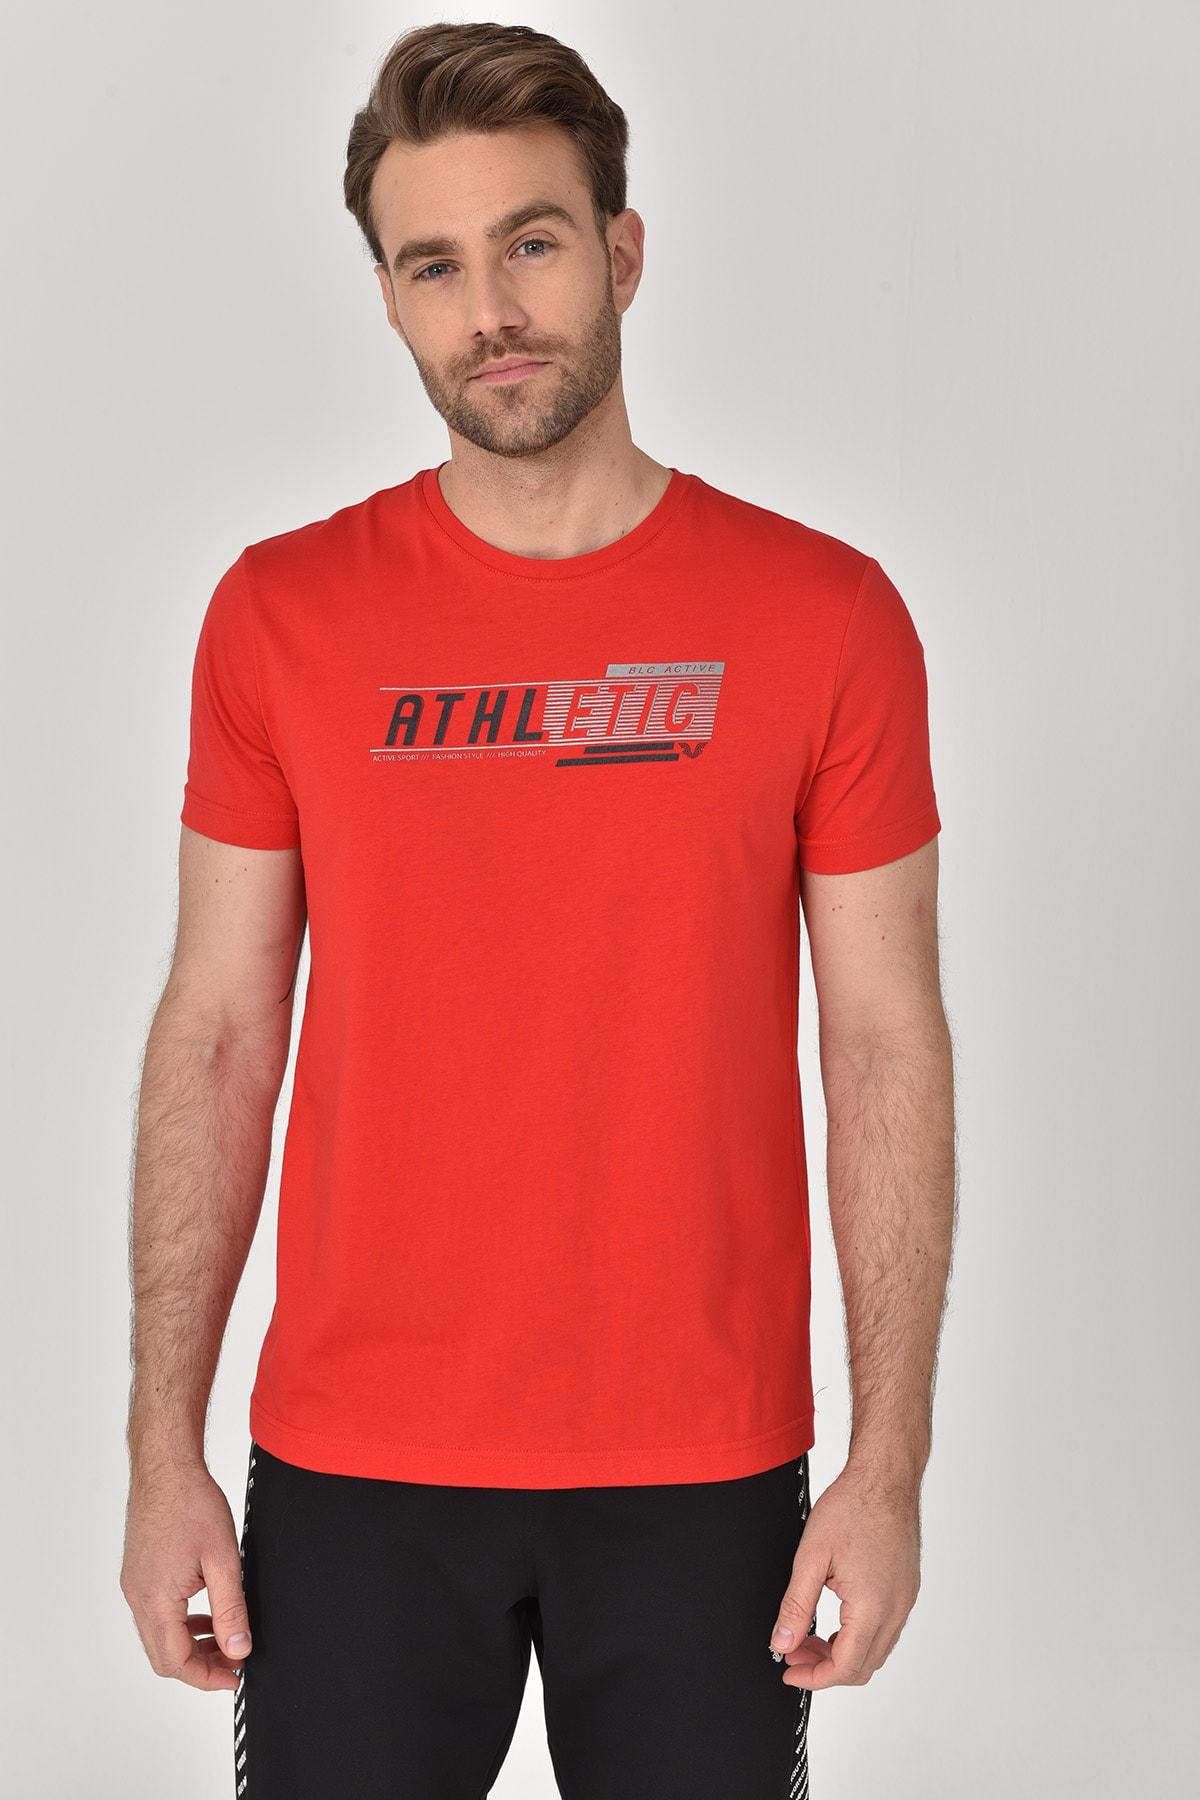 bilcee Kırmızı Erkek T-shirt  GS-8812 1